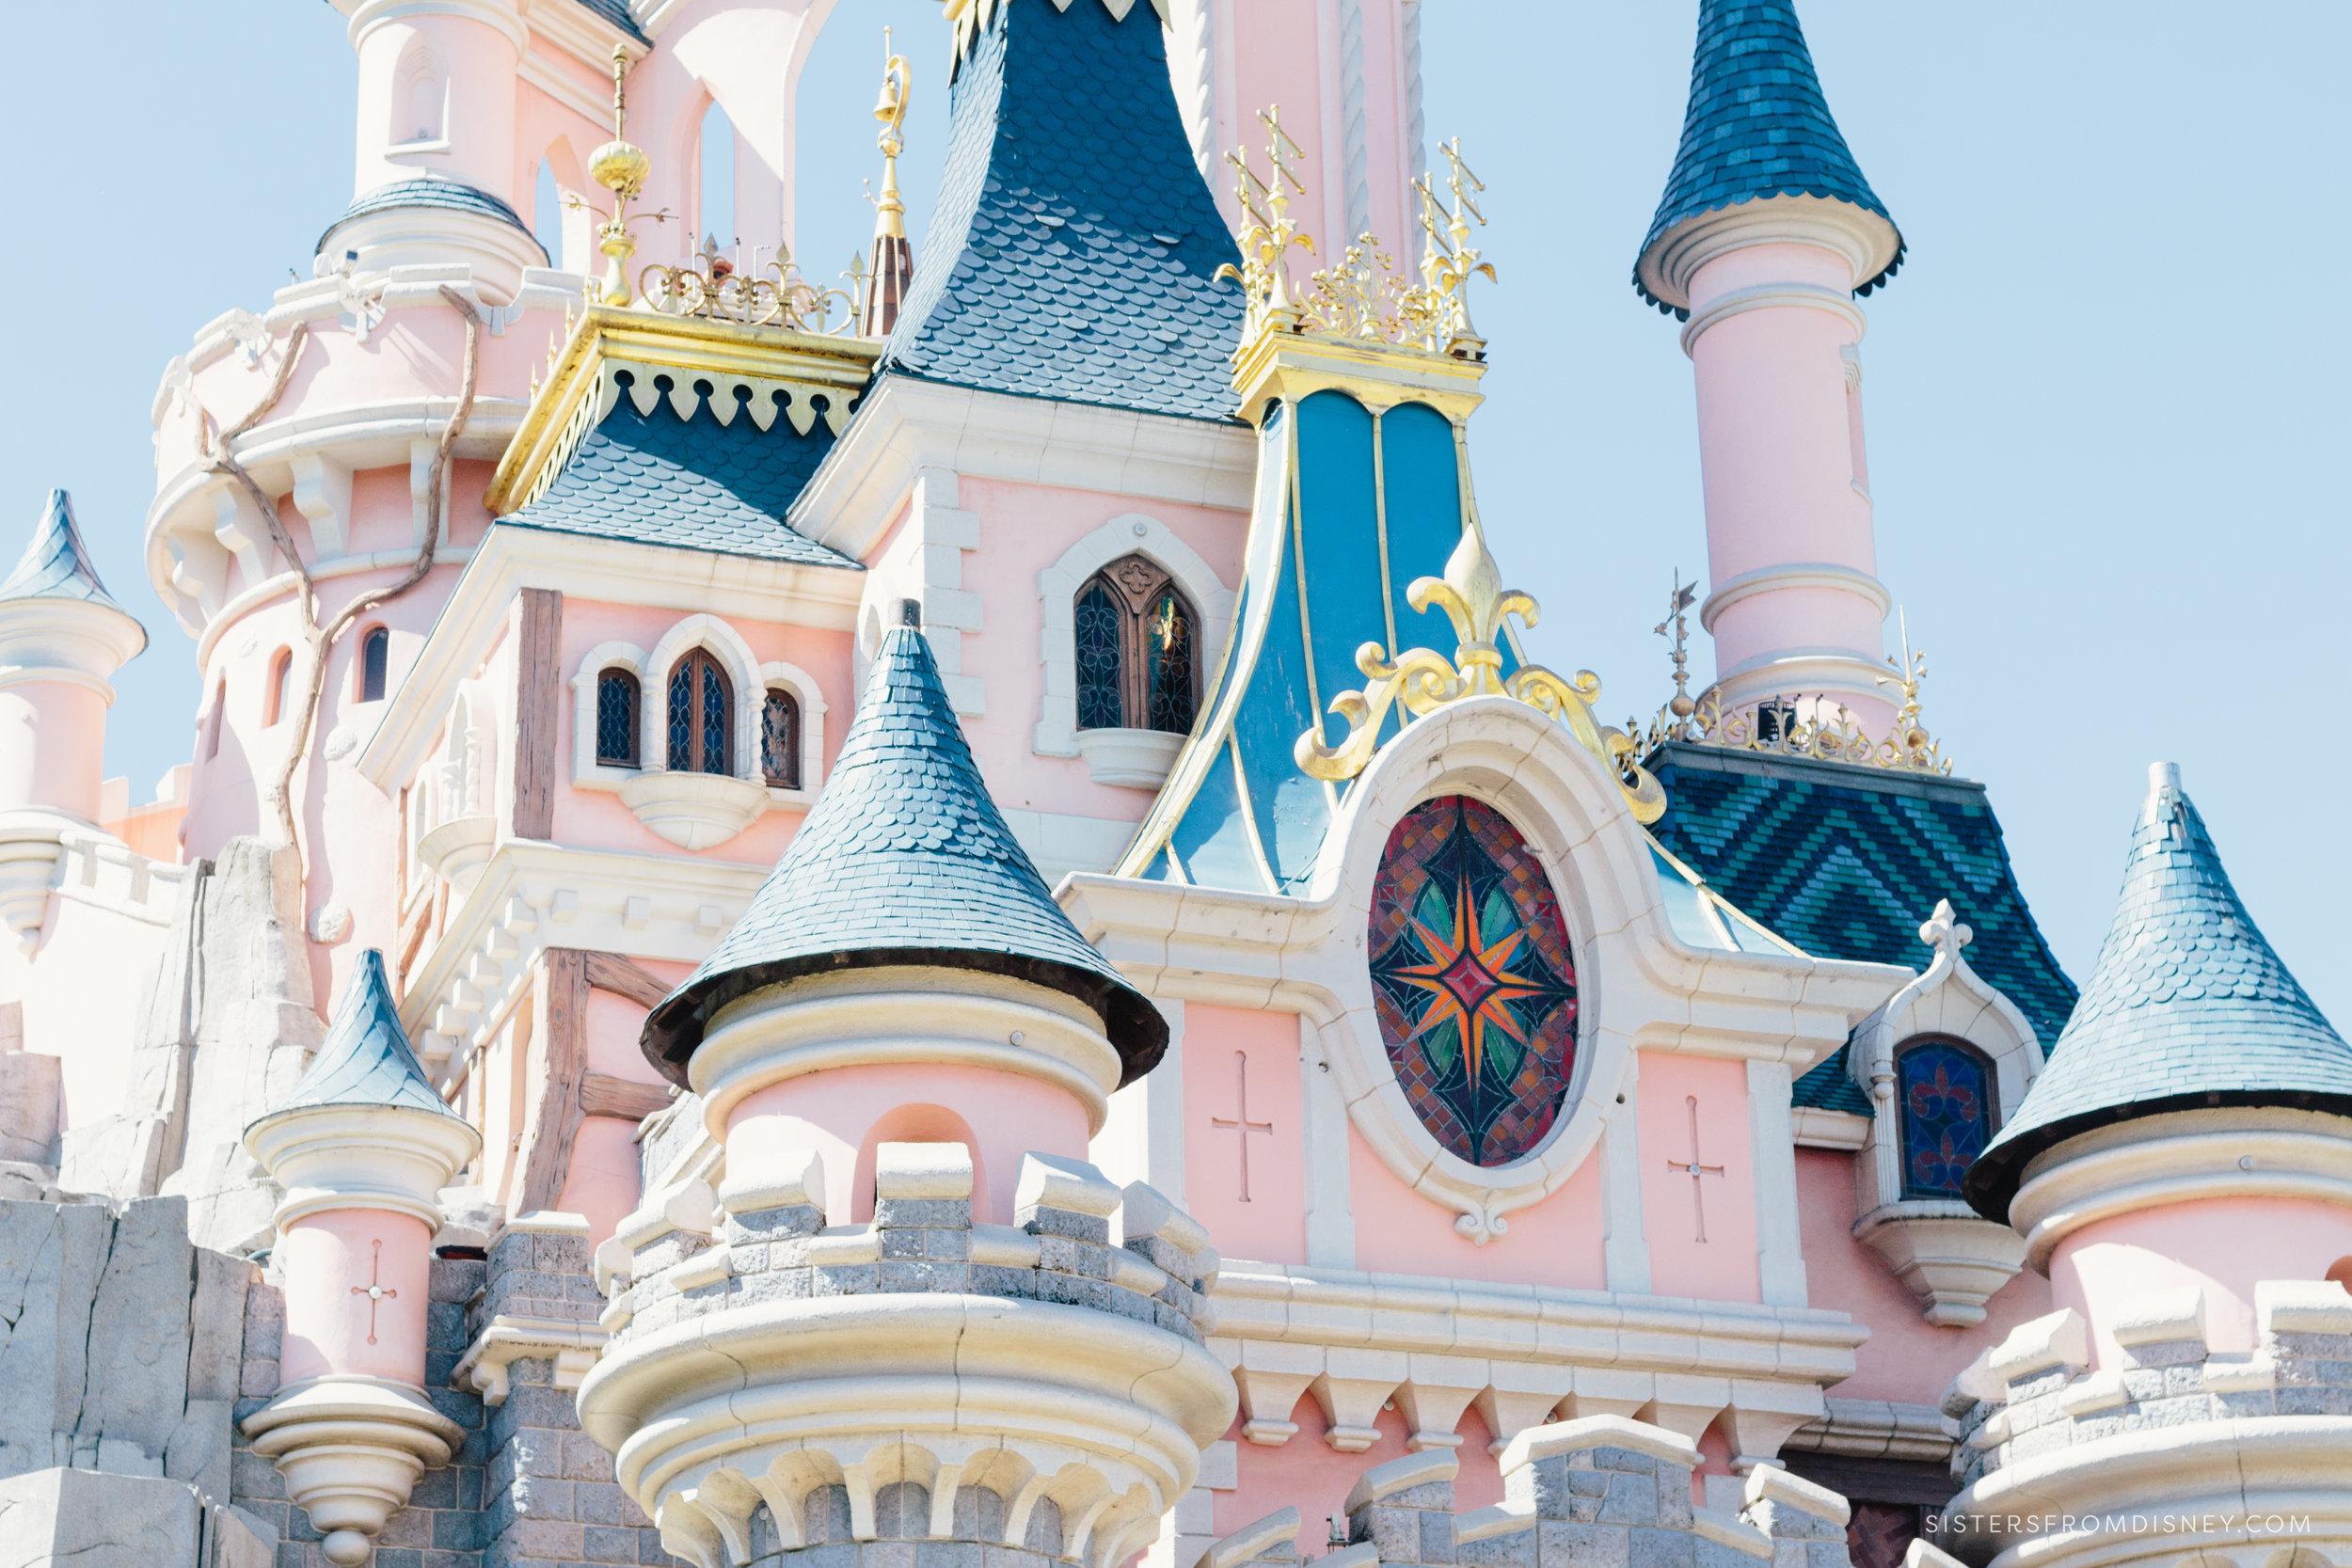 2018June_SFDblog_DisneylandParis_Watermark-3327.jpg